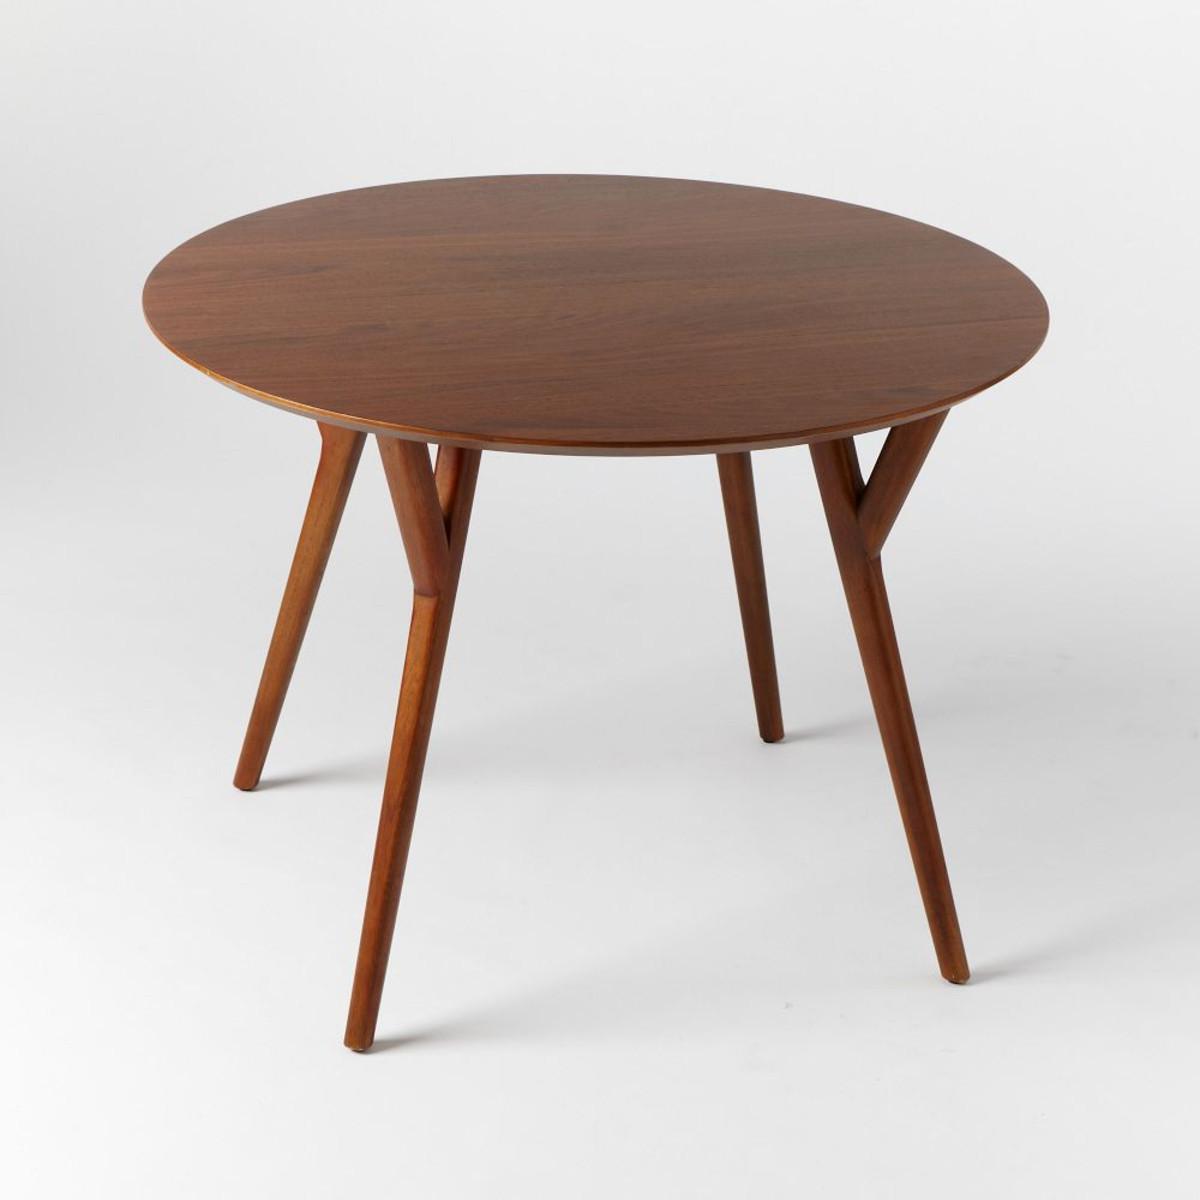 Best ideas about Mid Century Modern Round Dining Table . Save or Pin Mid Century Round Dining Table Now.